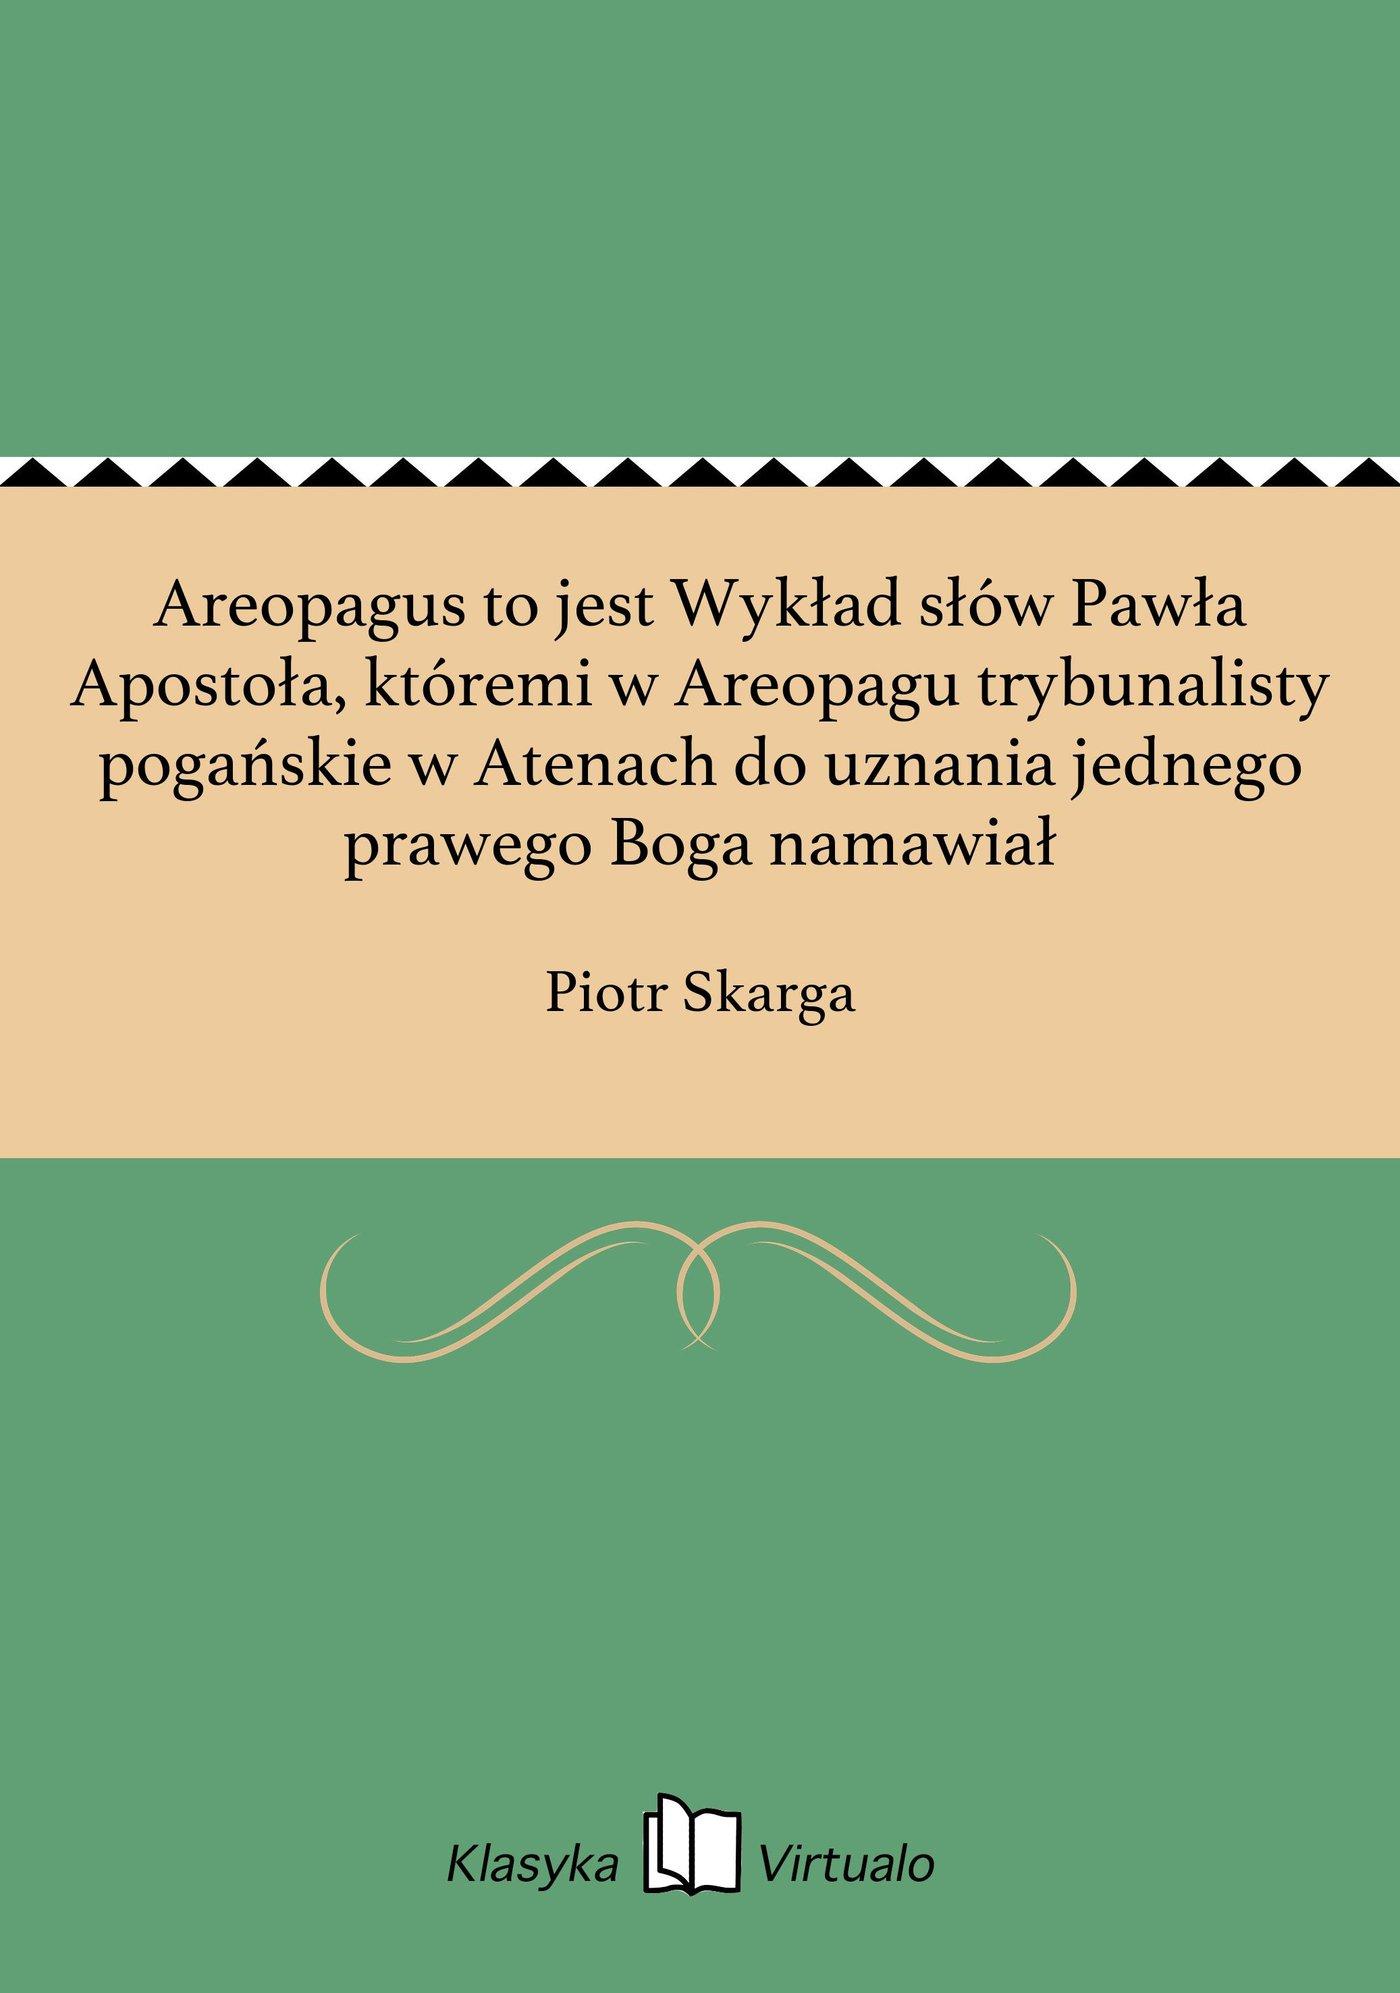 Areopagus to jest Wykład słów Pawła Apostoła, któremi w Areopagu trybunalisty pogańskie w Atenach do uznania jednego prawego Boga namawiał - Ebook (Książka EPUB) do pobrania w formacie EPUB